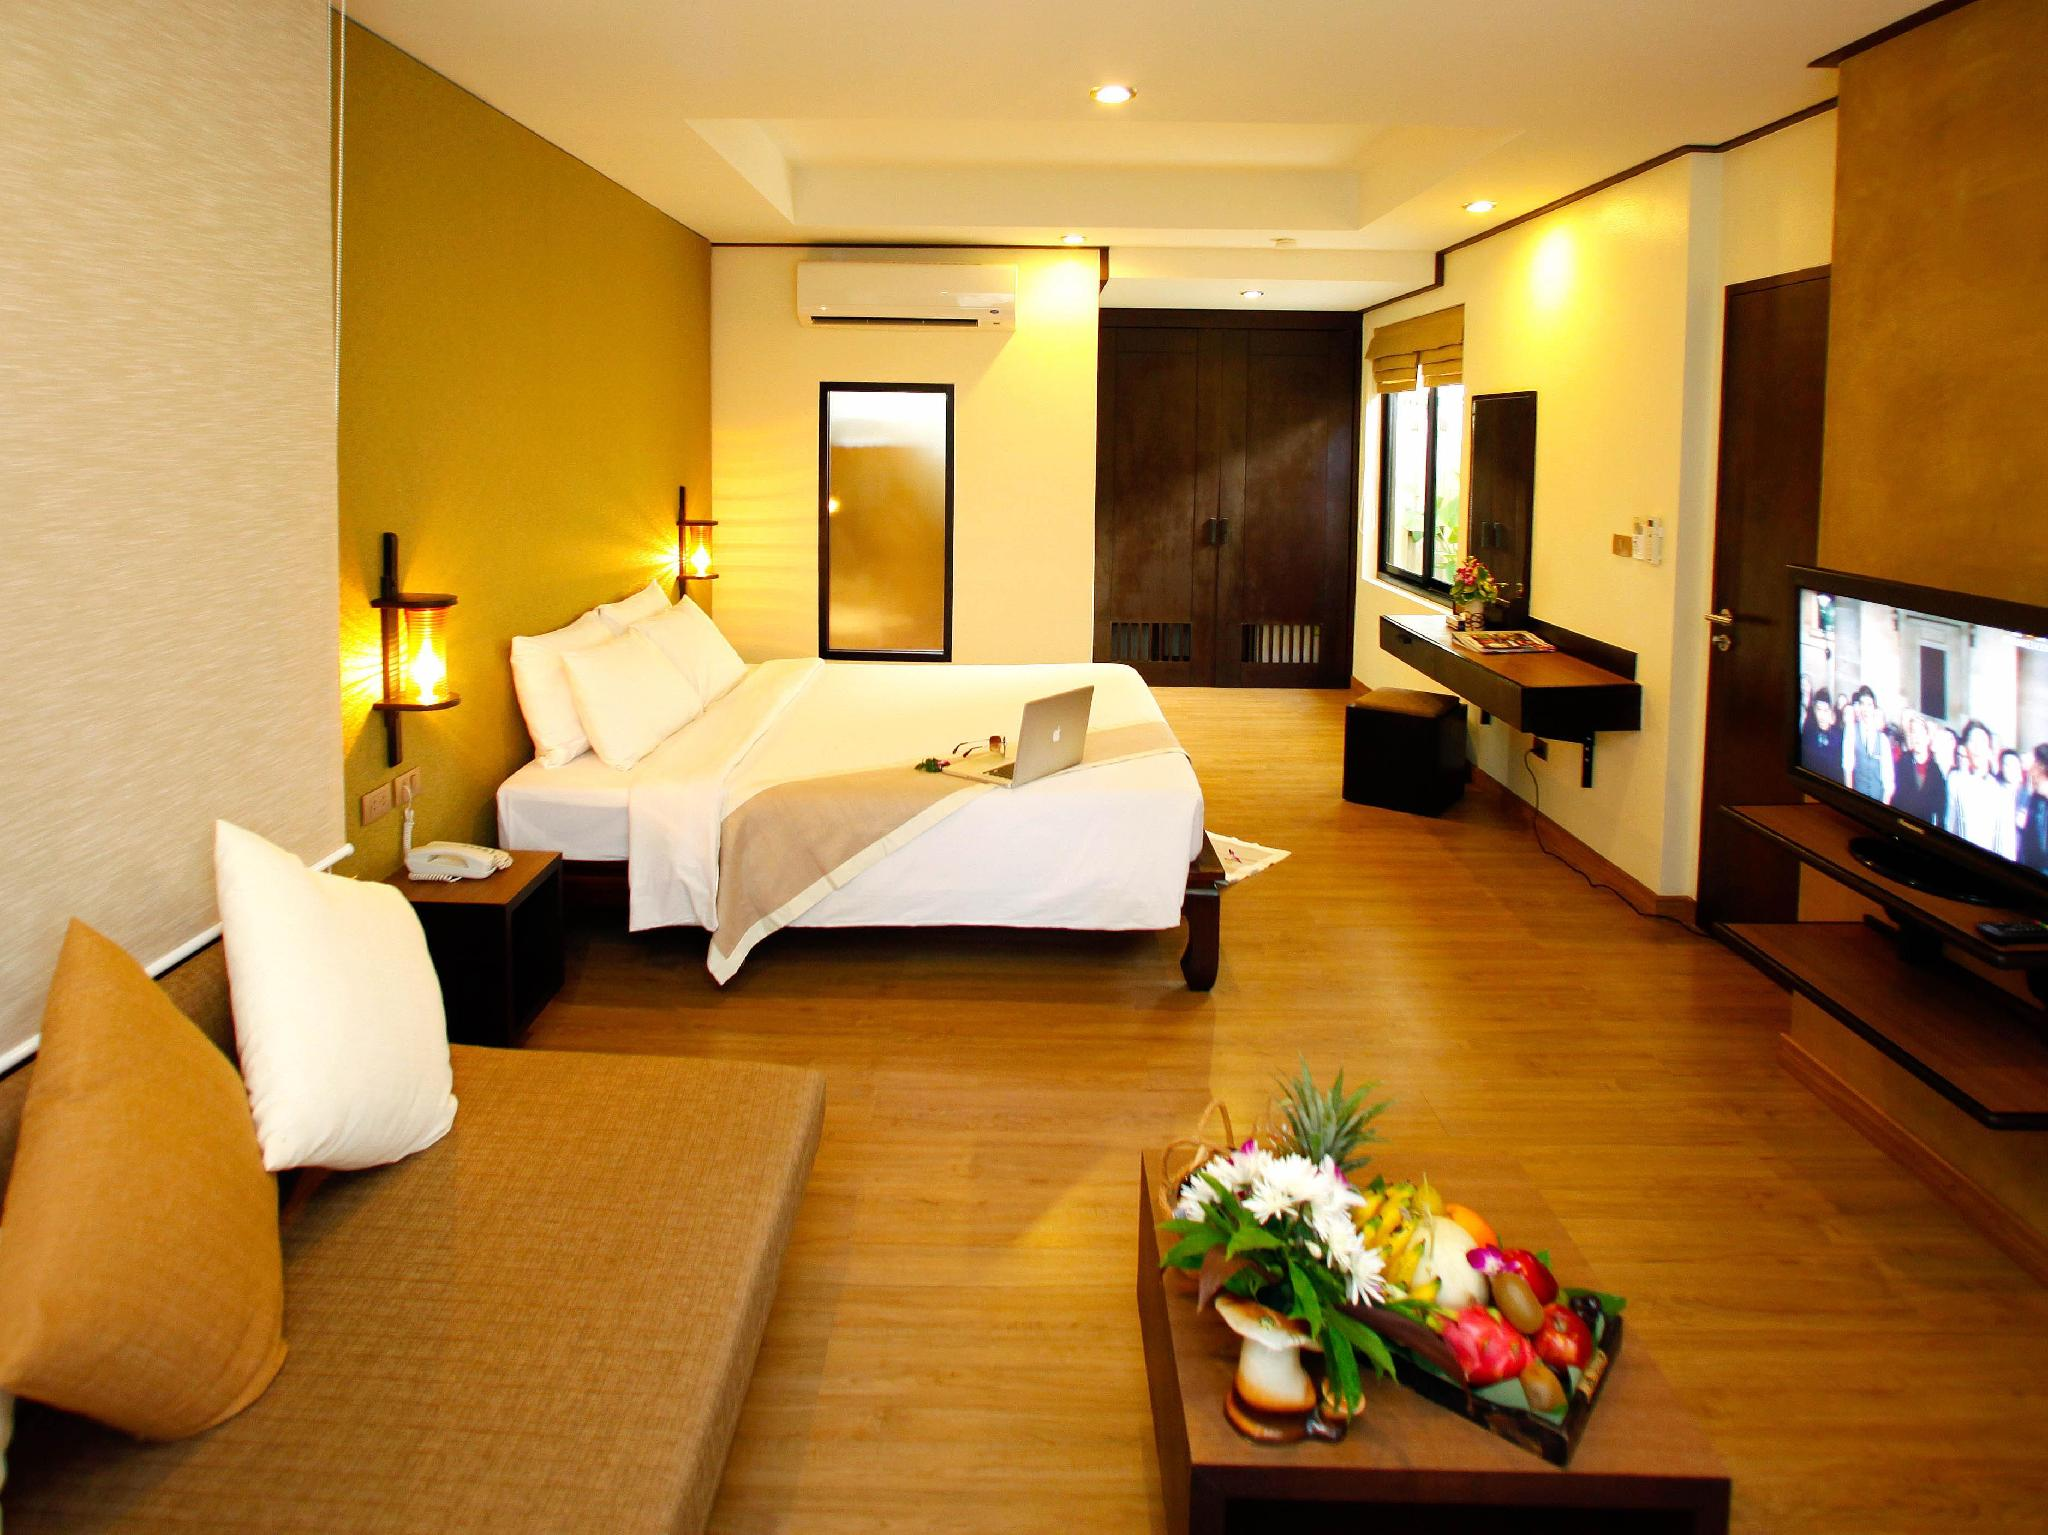 โรงแรมภูเก็ต ไอส์แลนด์ วิว